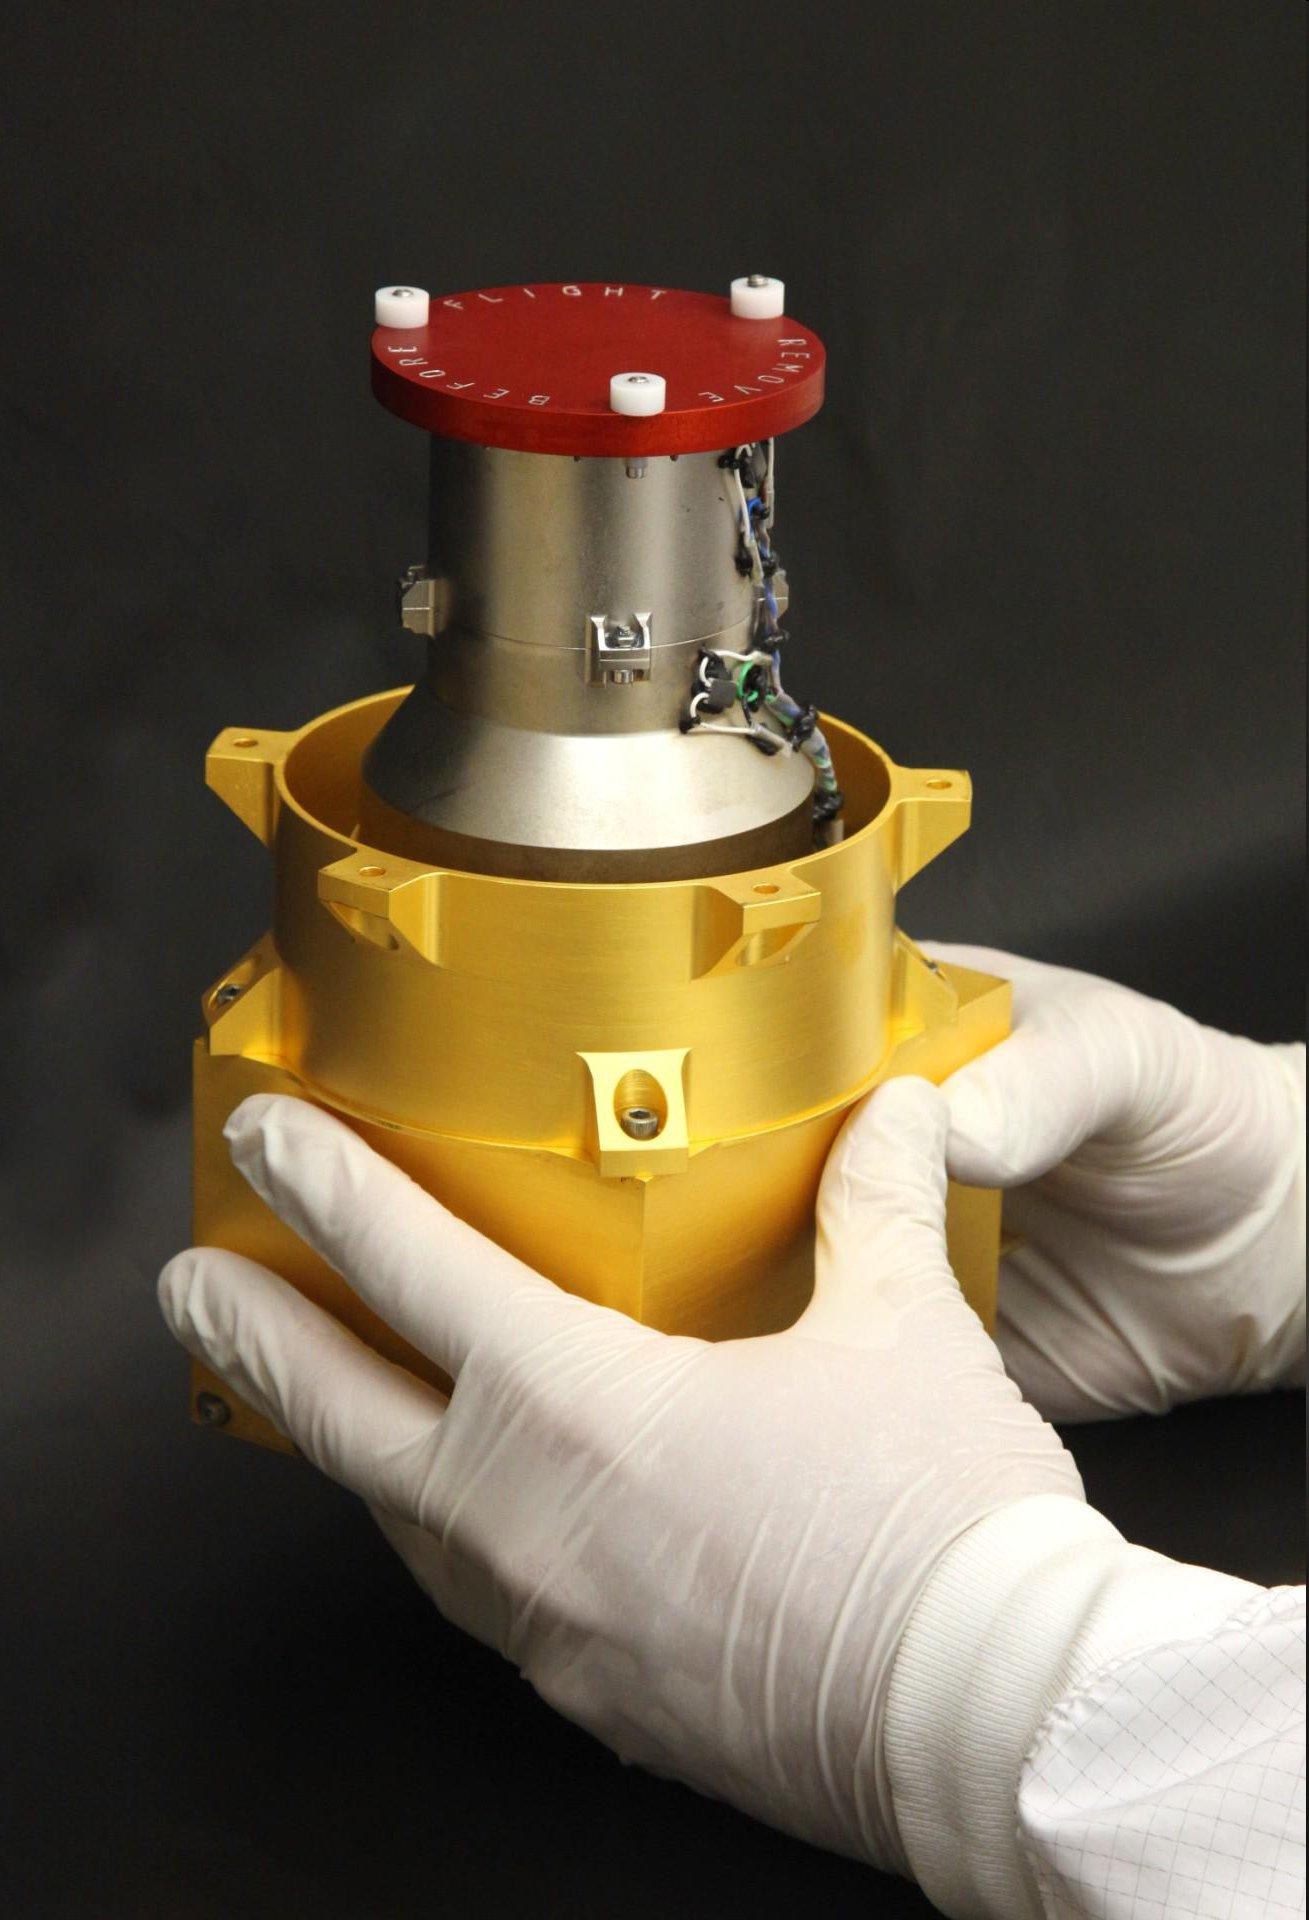 """Der Radiation Assessment Detector (RAD) der Uni Kiel vor dem Einbau in den Rover """"Curiosity""""."""